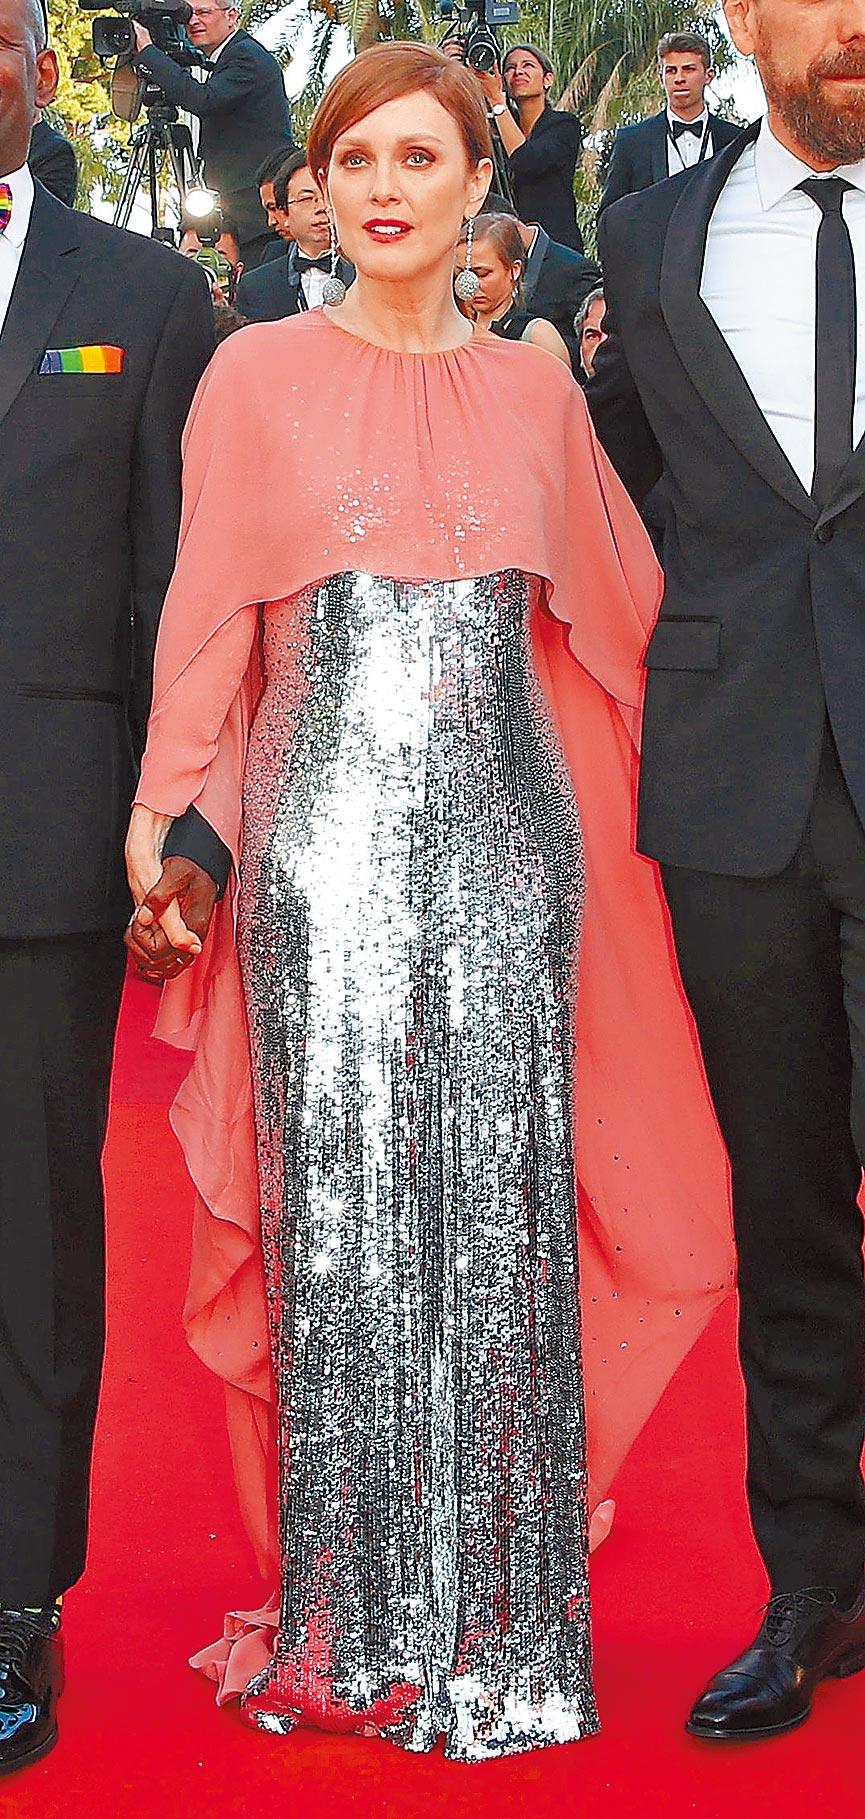 茱莉安摩爾出席《火箭人》首映穿GIVENCHY珊瑚橘粉披肩配銀色亮片高訂禮服,佩戴蕭邦頂級珠寶系列耳環、戒指,聚焦並不失甜美。(GIVENCHY提供)